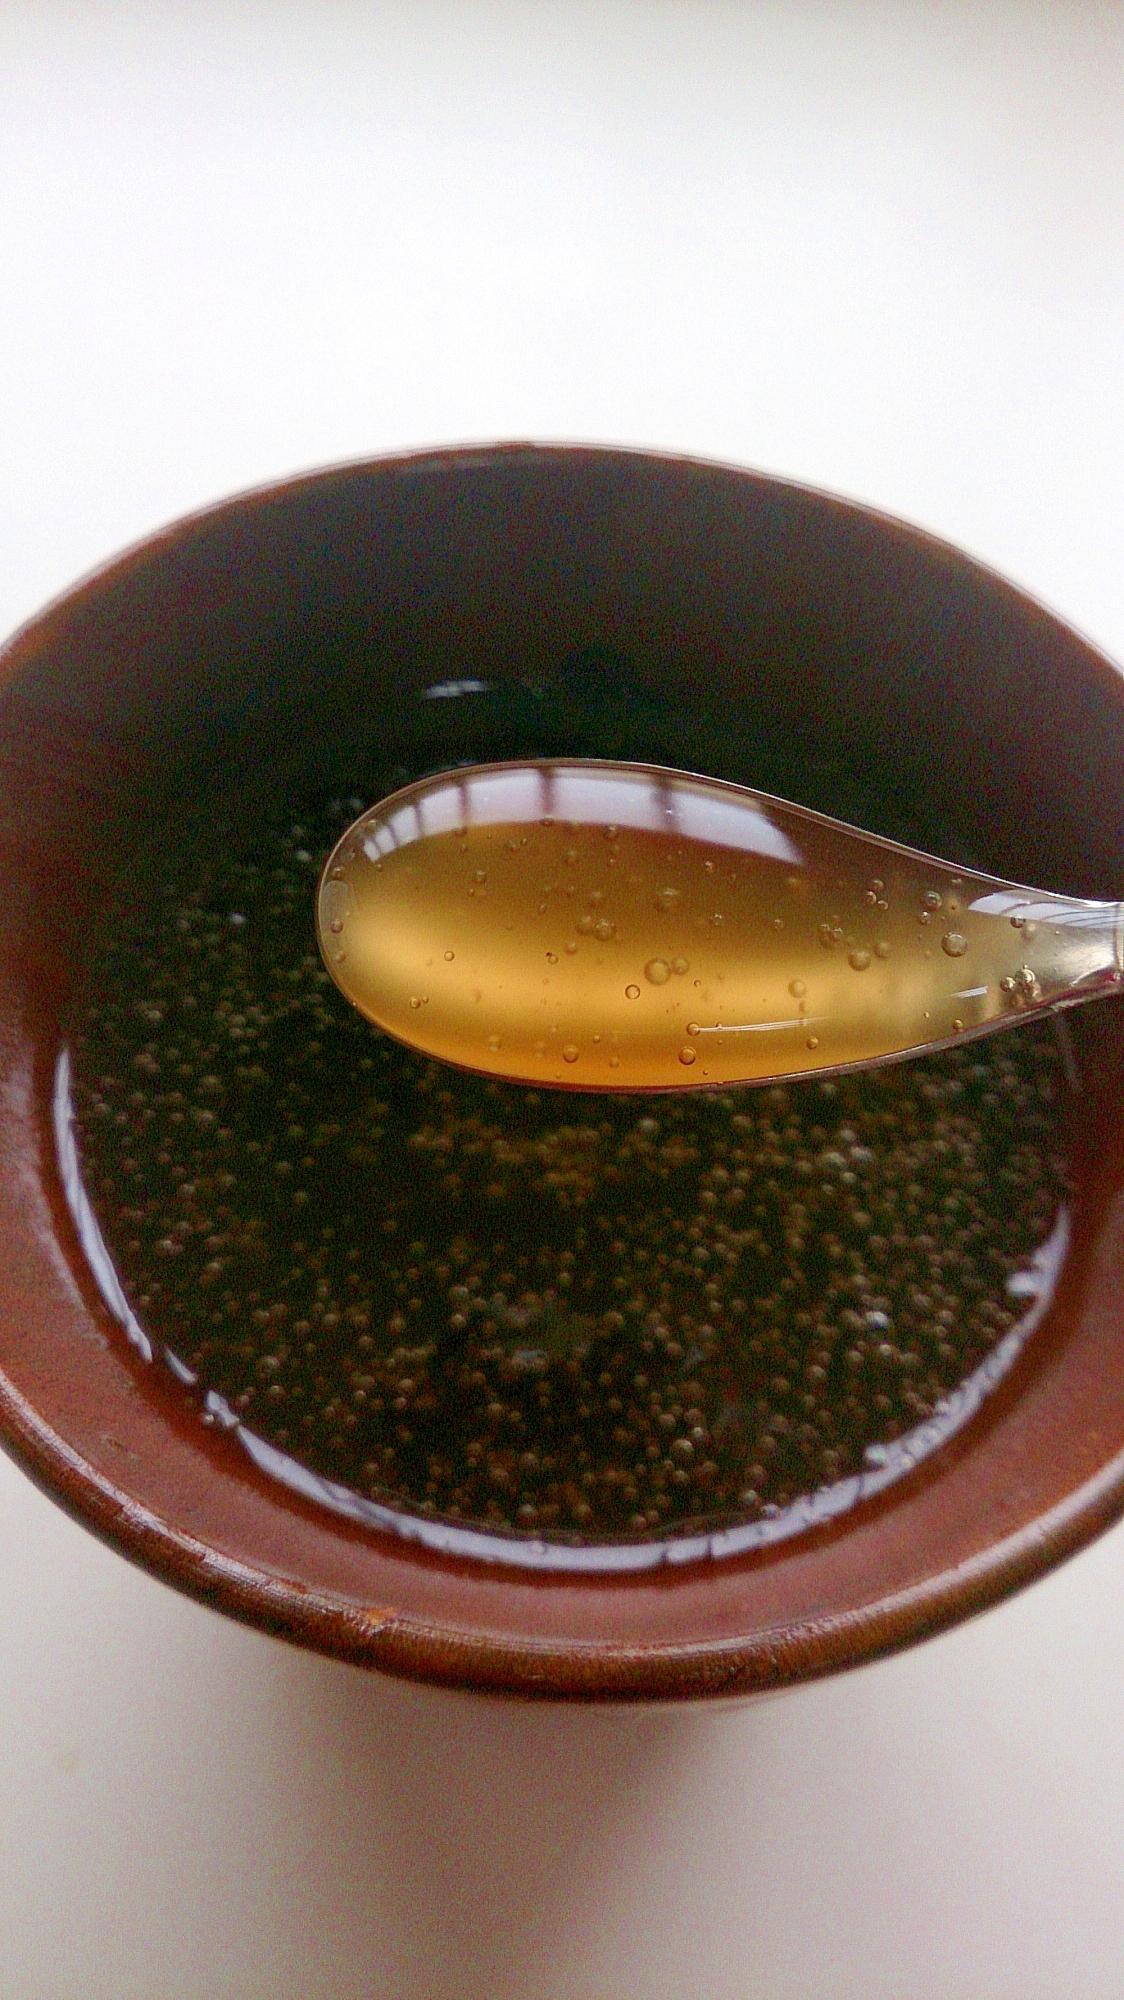 黒糖(紅茶)の葛湯(風邪気味・冷えに)